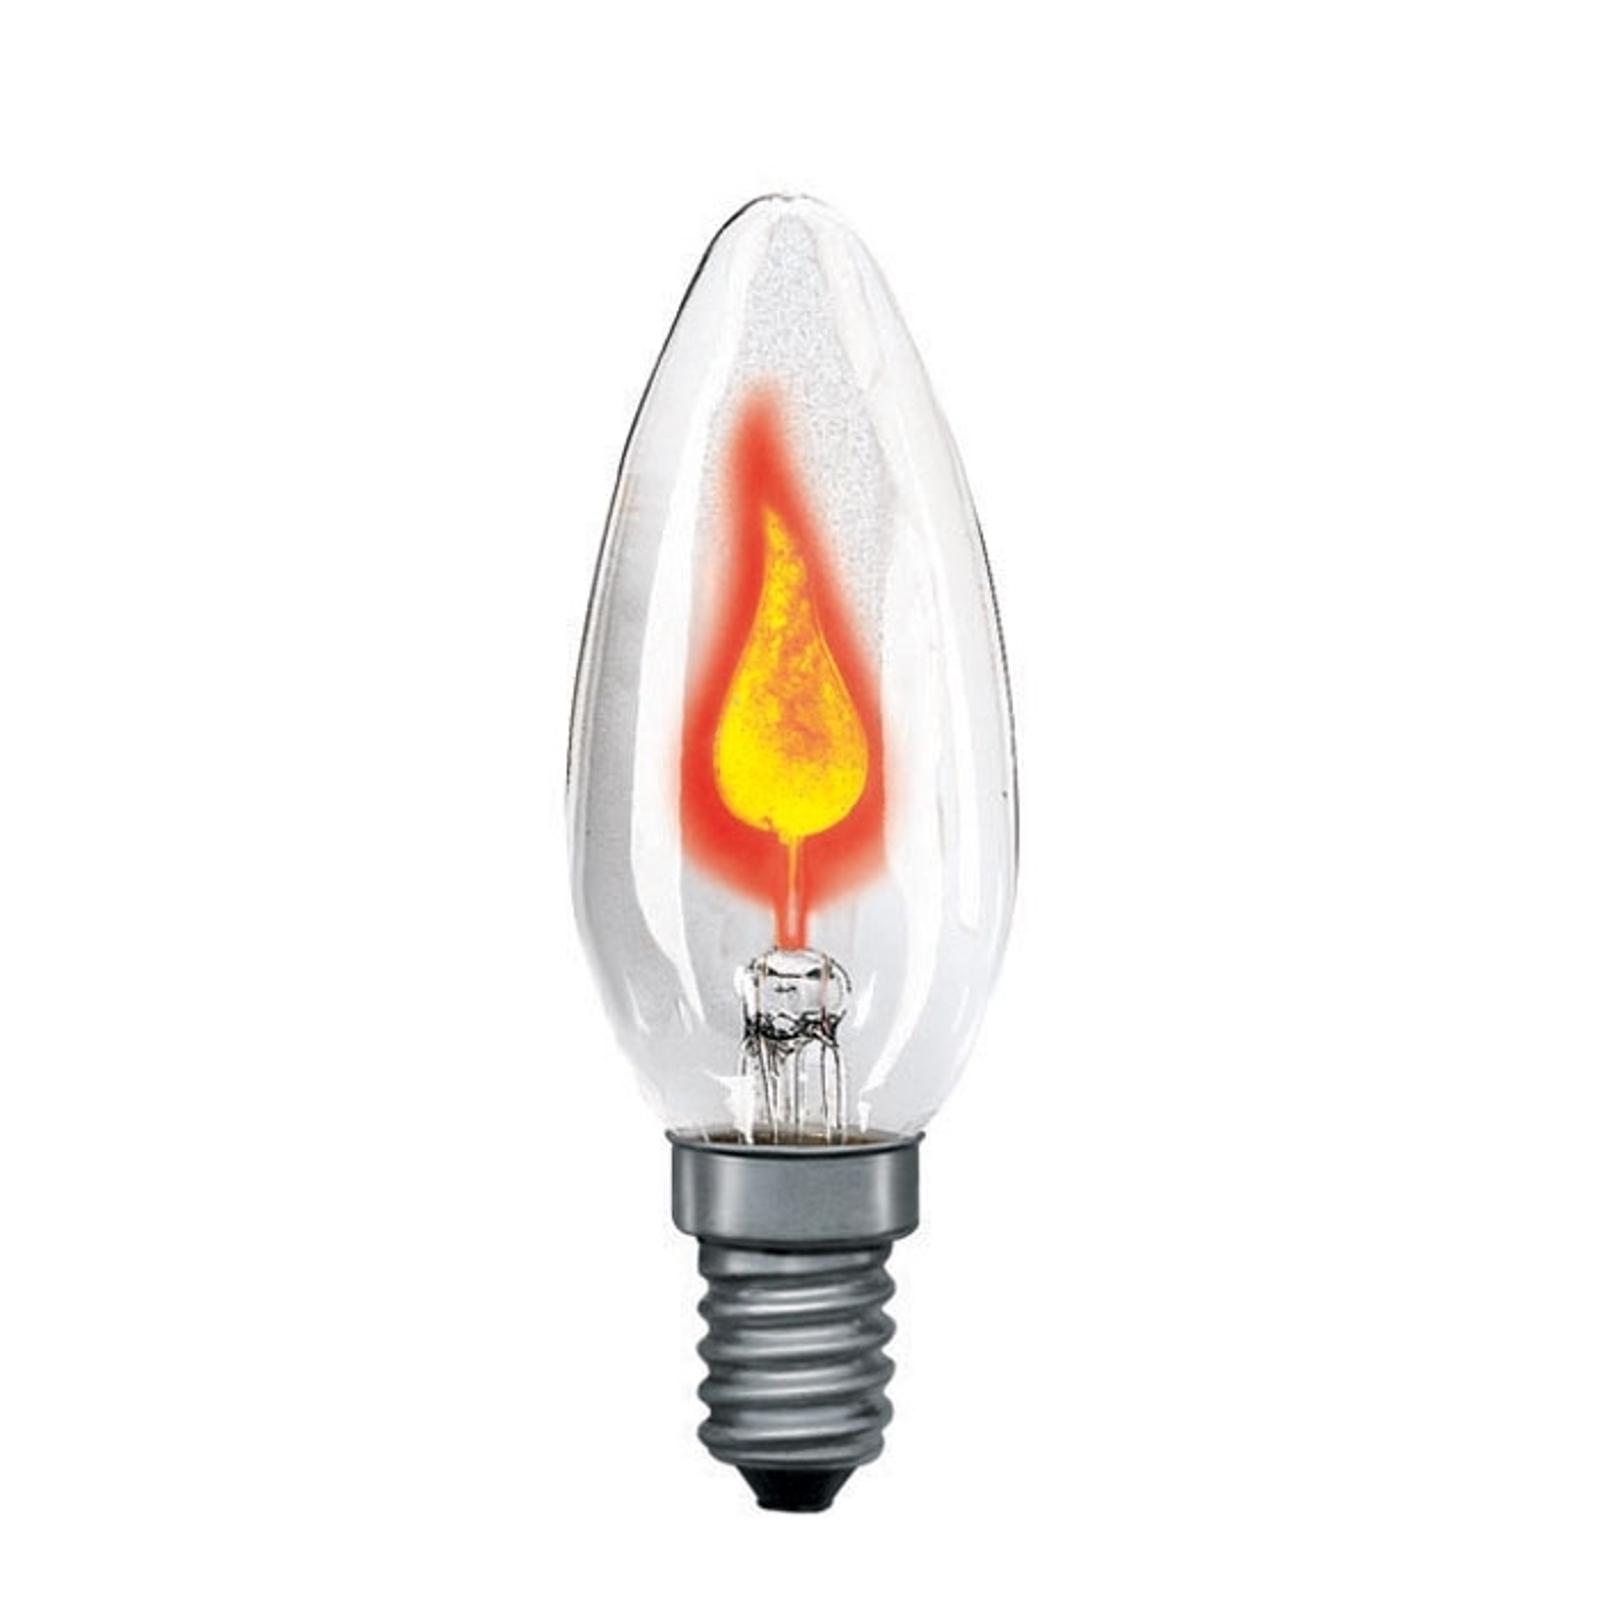 E14 3W lepattava kynttilälamppu, kirkas